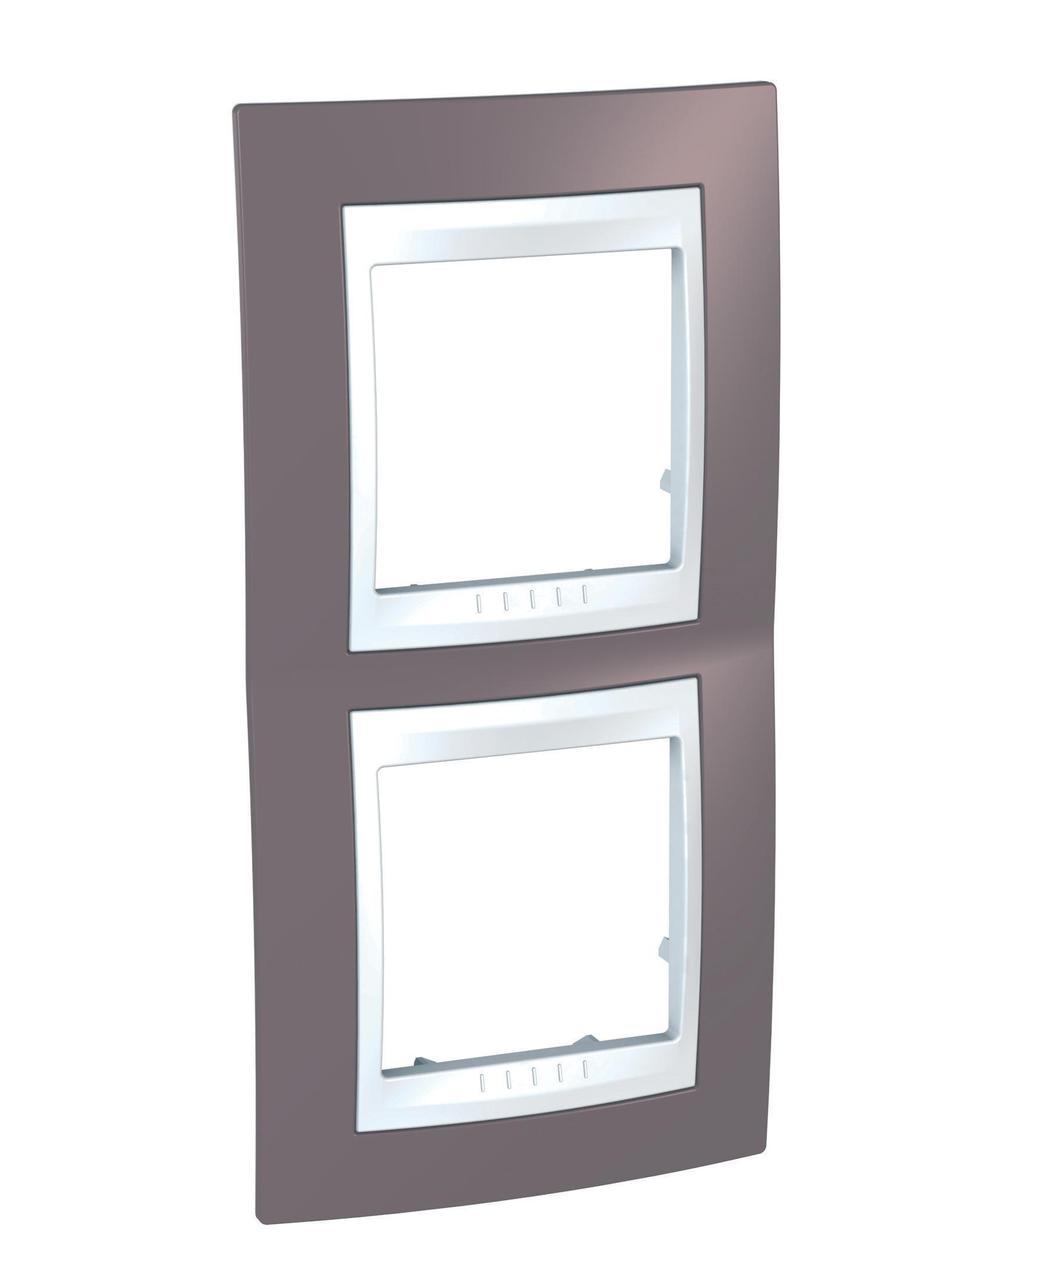 Рамка 2-ая (двойная) вертикальная, Лиловый/Белый, серия Unica, Schneider Electric